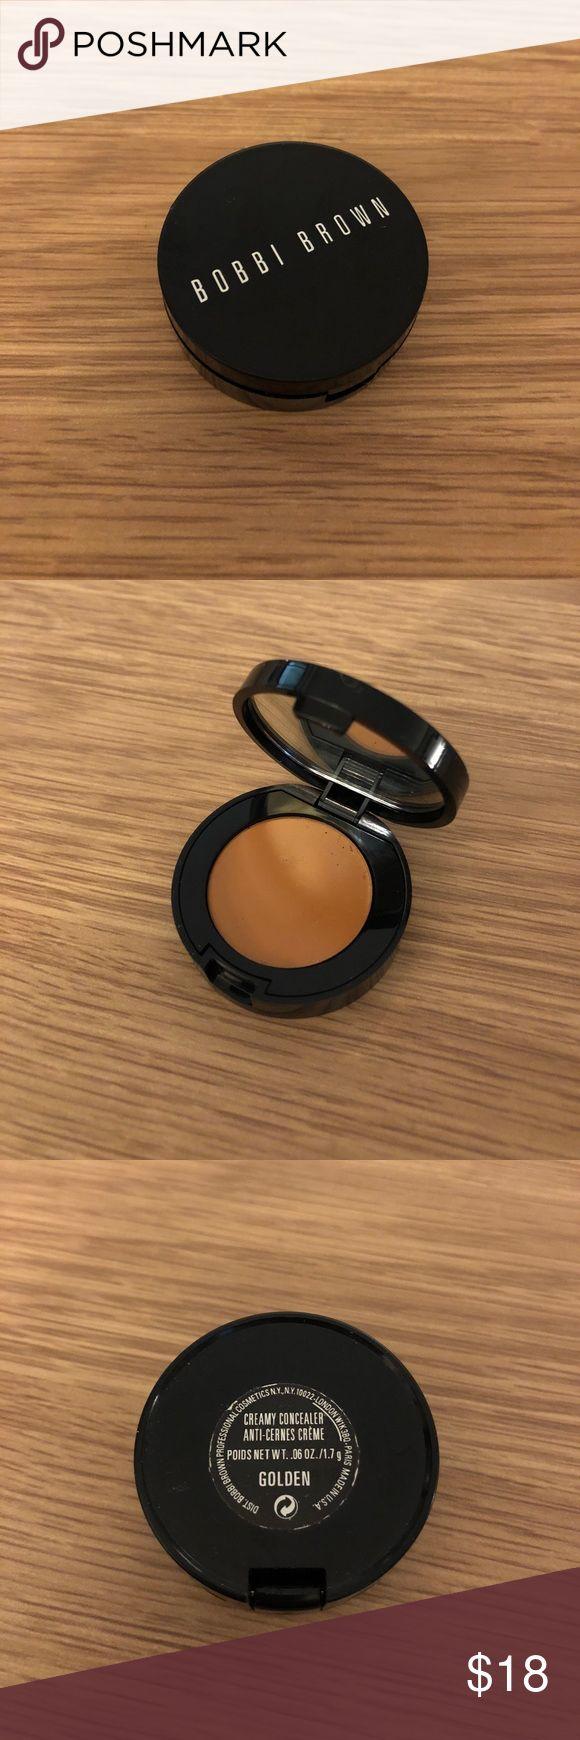 """Bobbi Brown creamy concealer Bobbi Brown concealer in color """"Golden"""". Not used, no box. Bobbi Brown Makeup Concealer"""